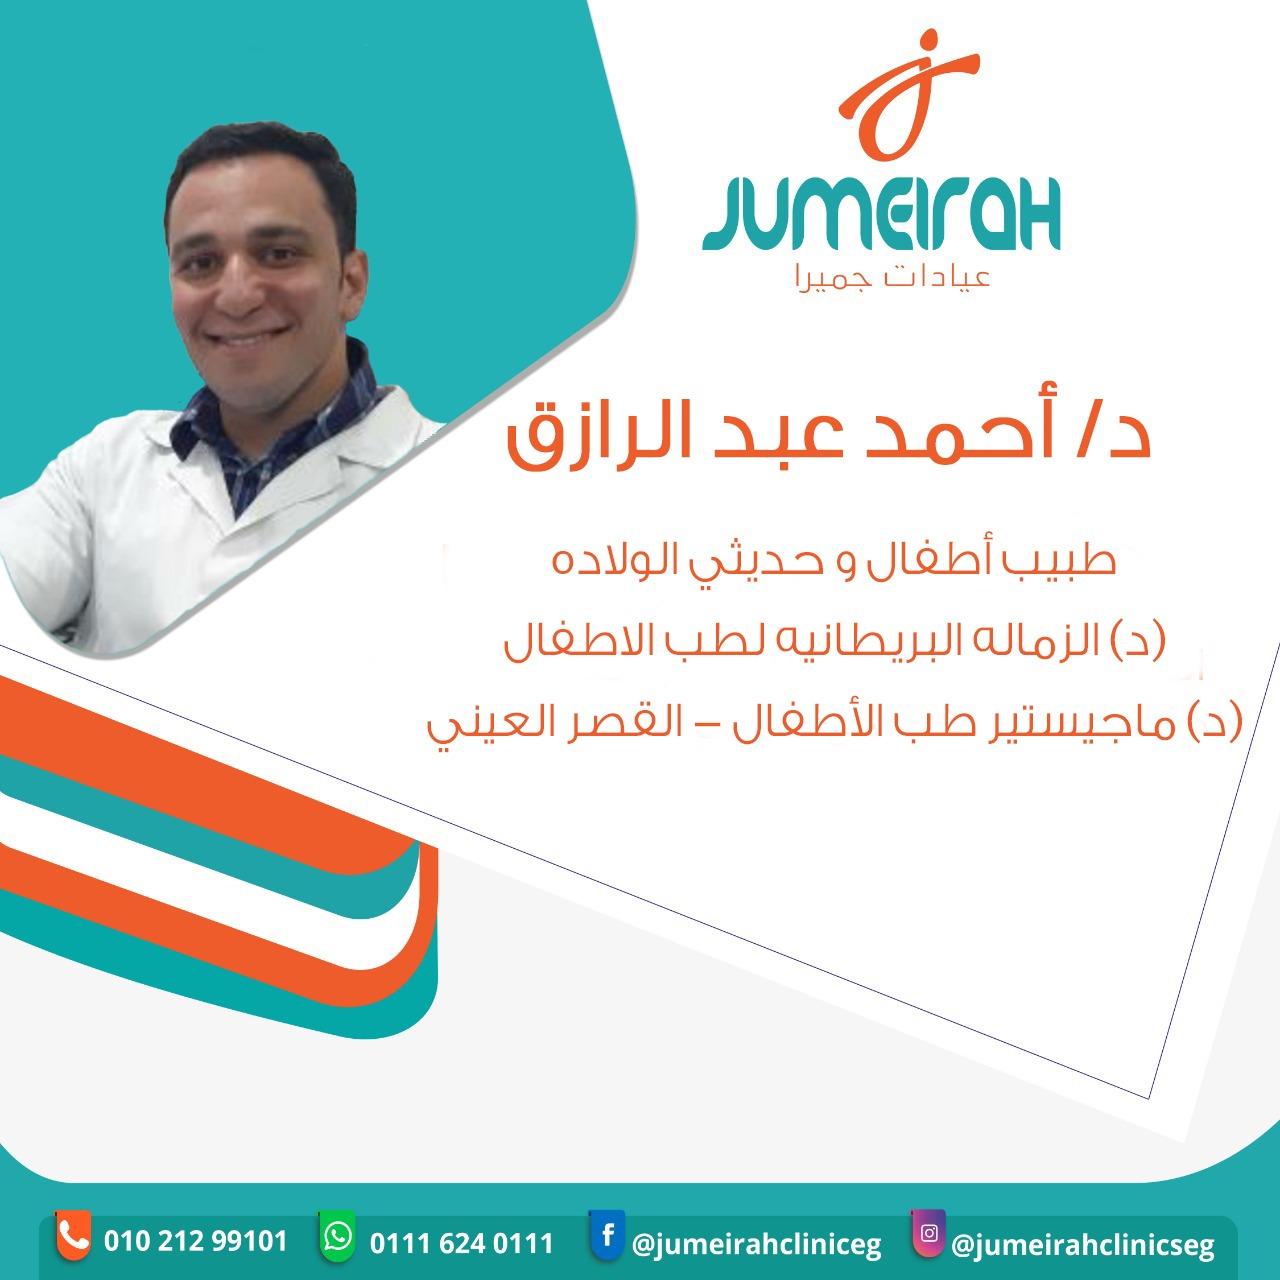 دكتور احمد عبد الرازق